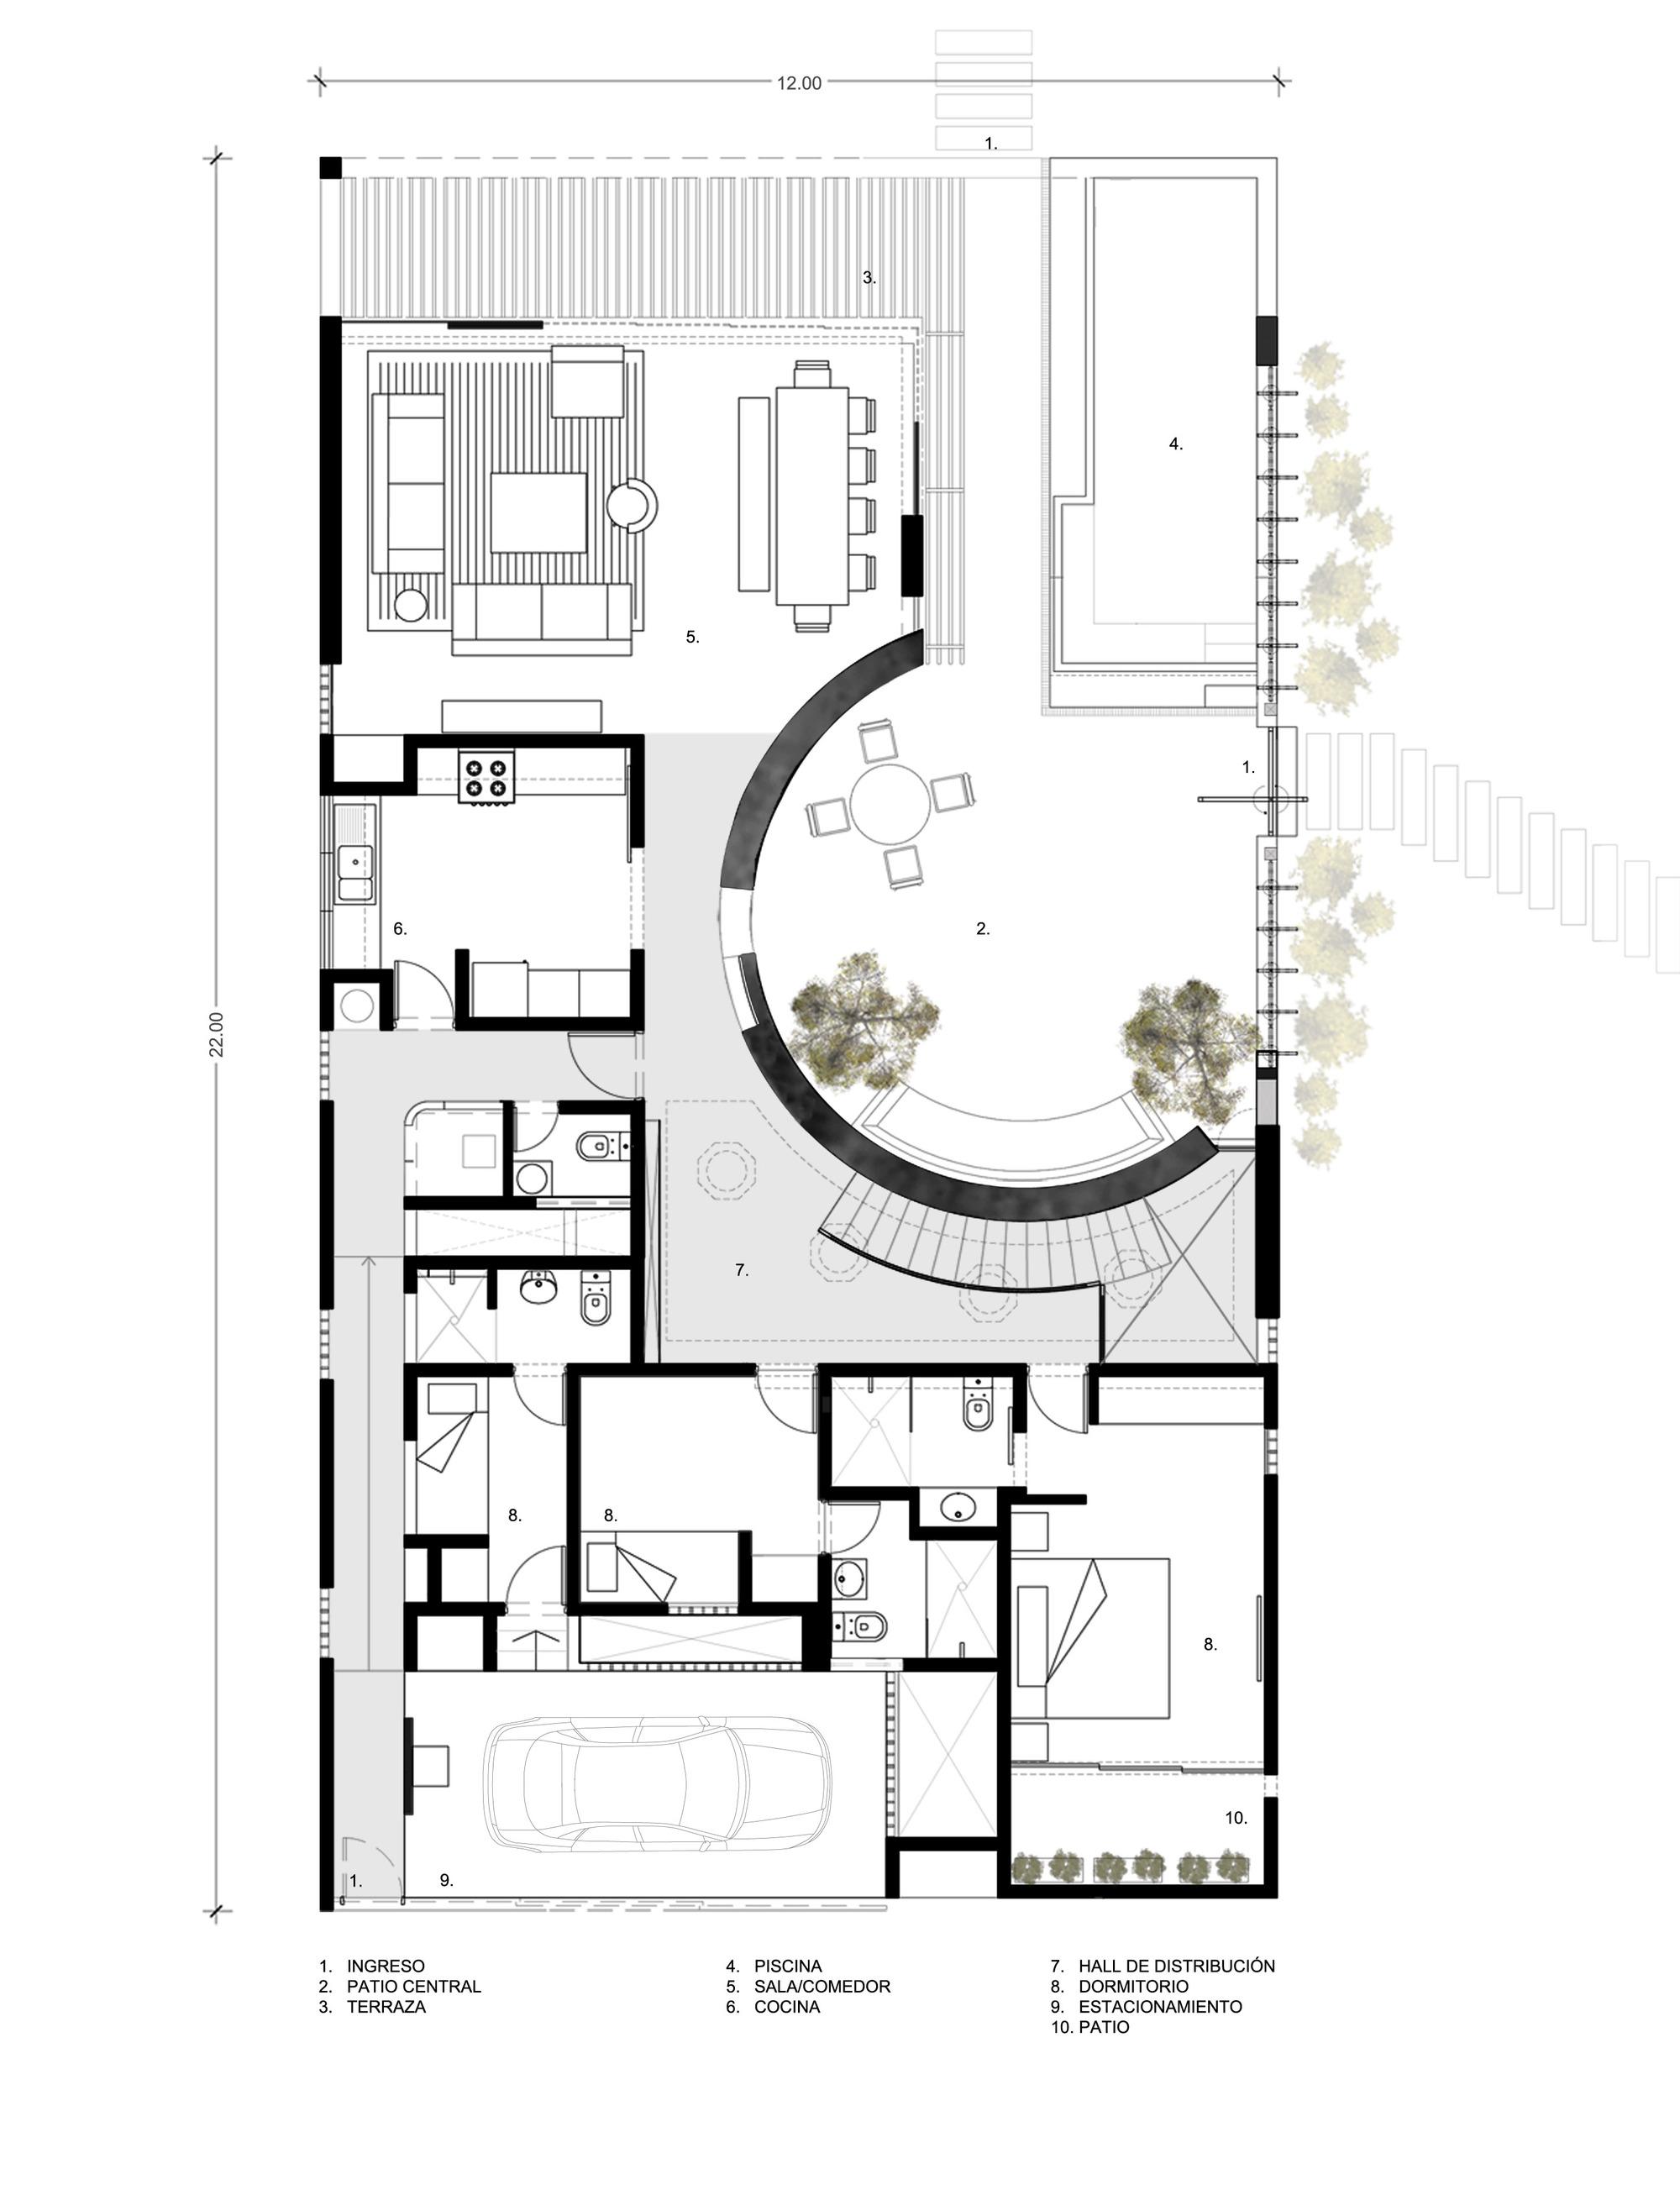 Galer a de casa ronda marina vella arquitectura for Dibujo de una oficina moderna